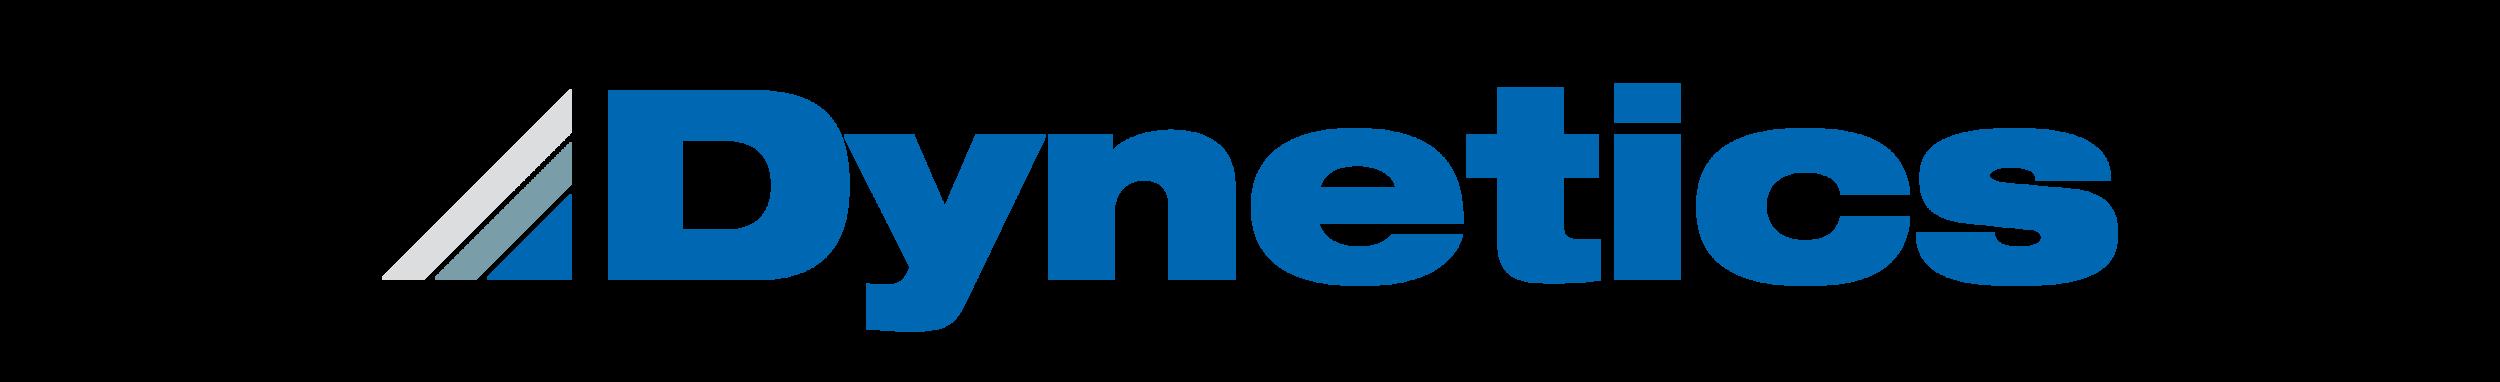 dynetics-logo-01-1.png